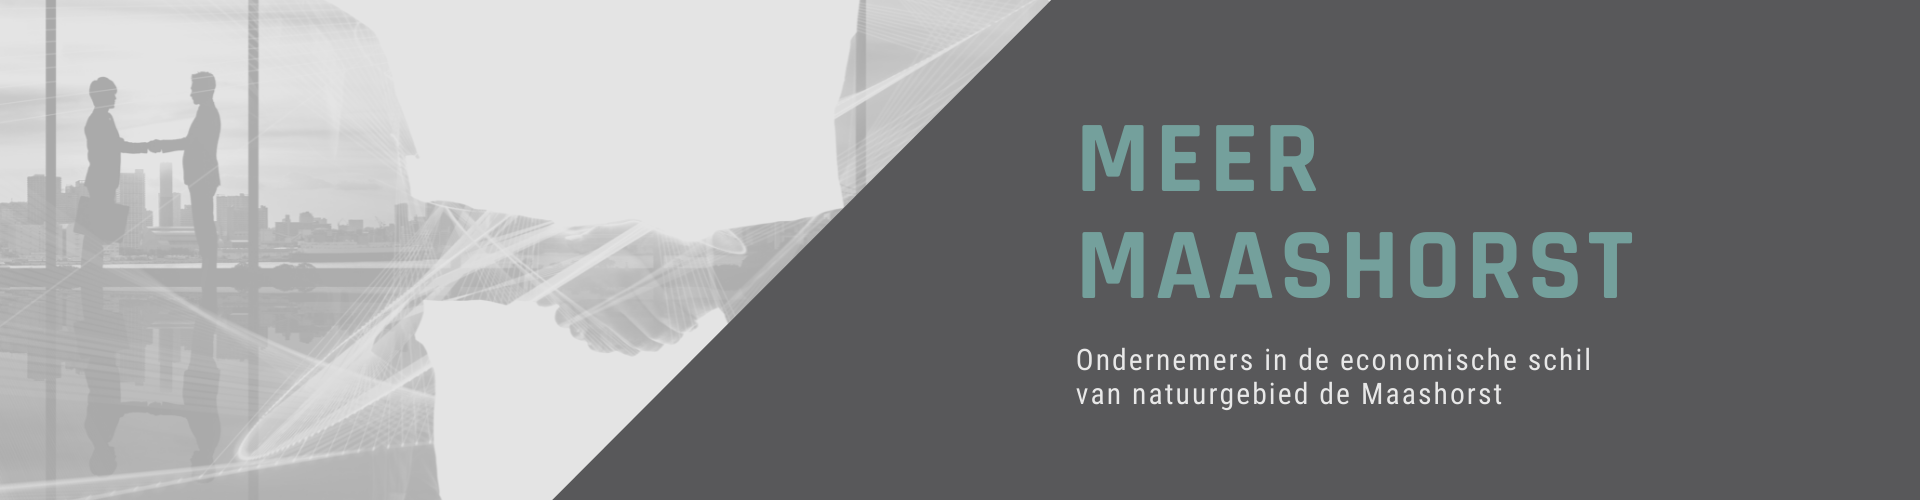 Maashorst Ondernemers in Meer Maashorst